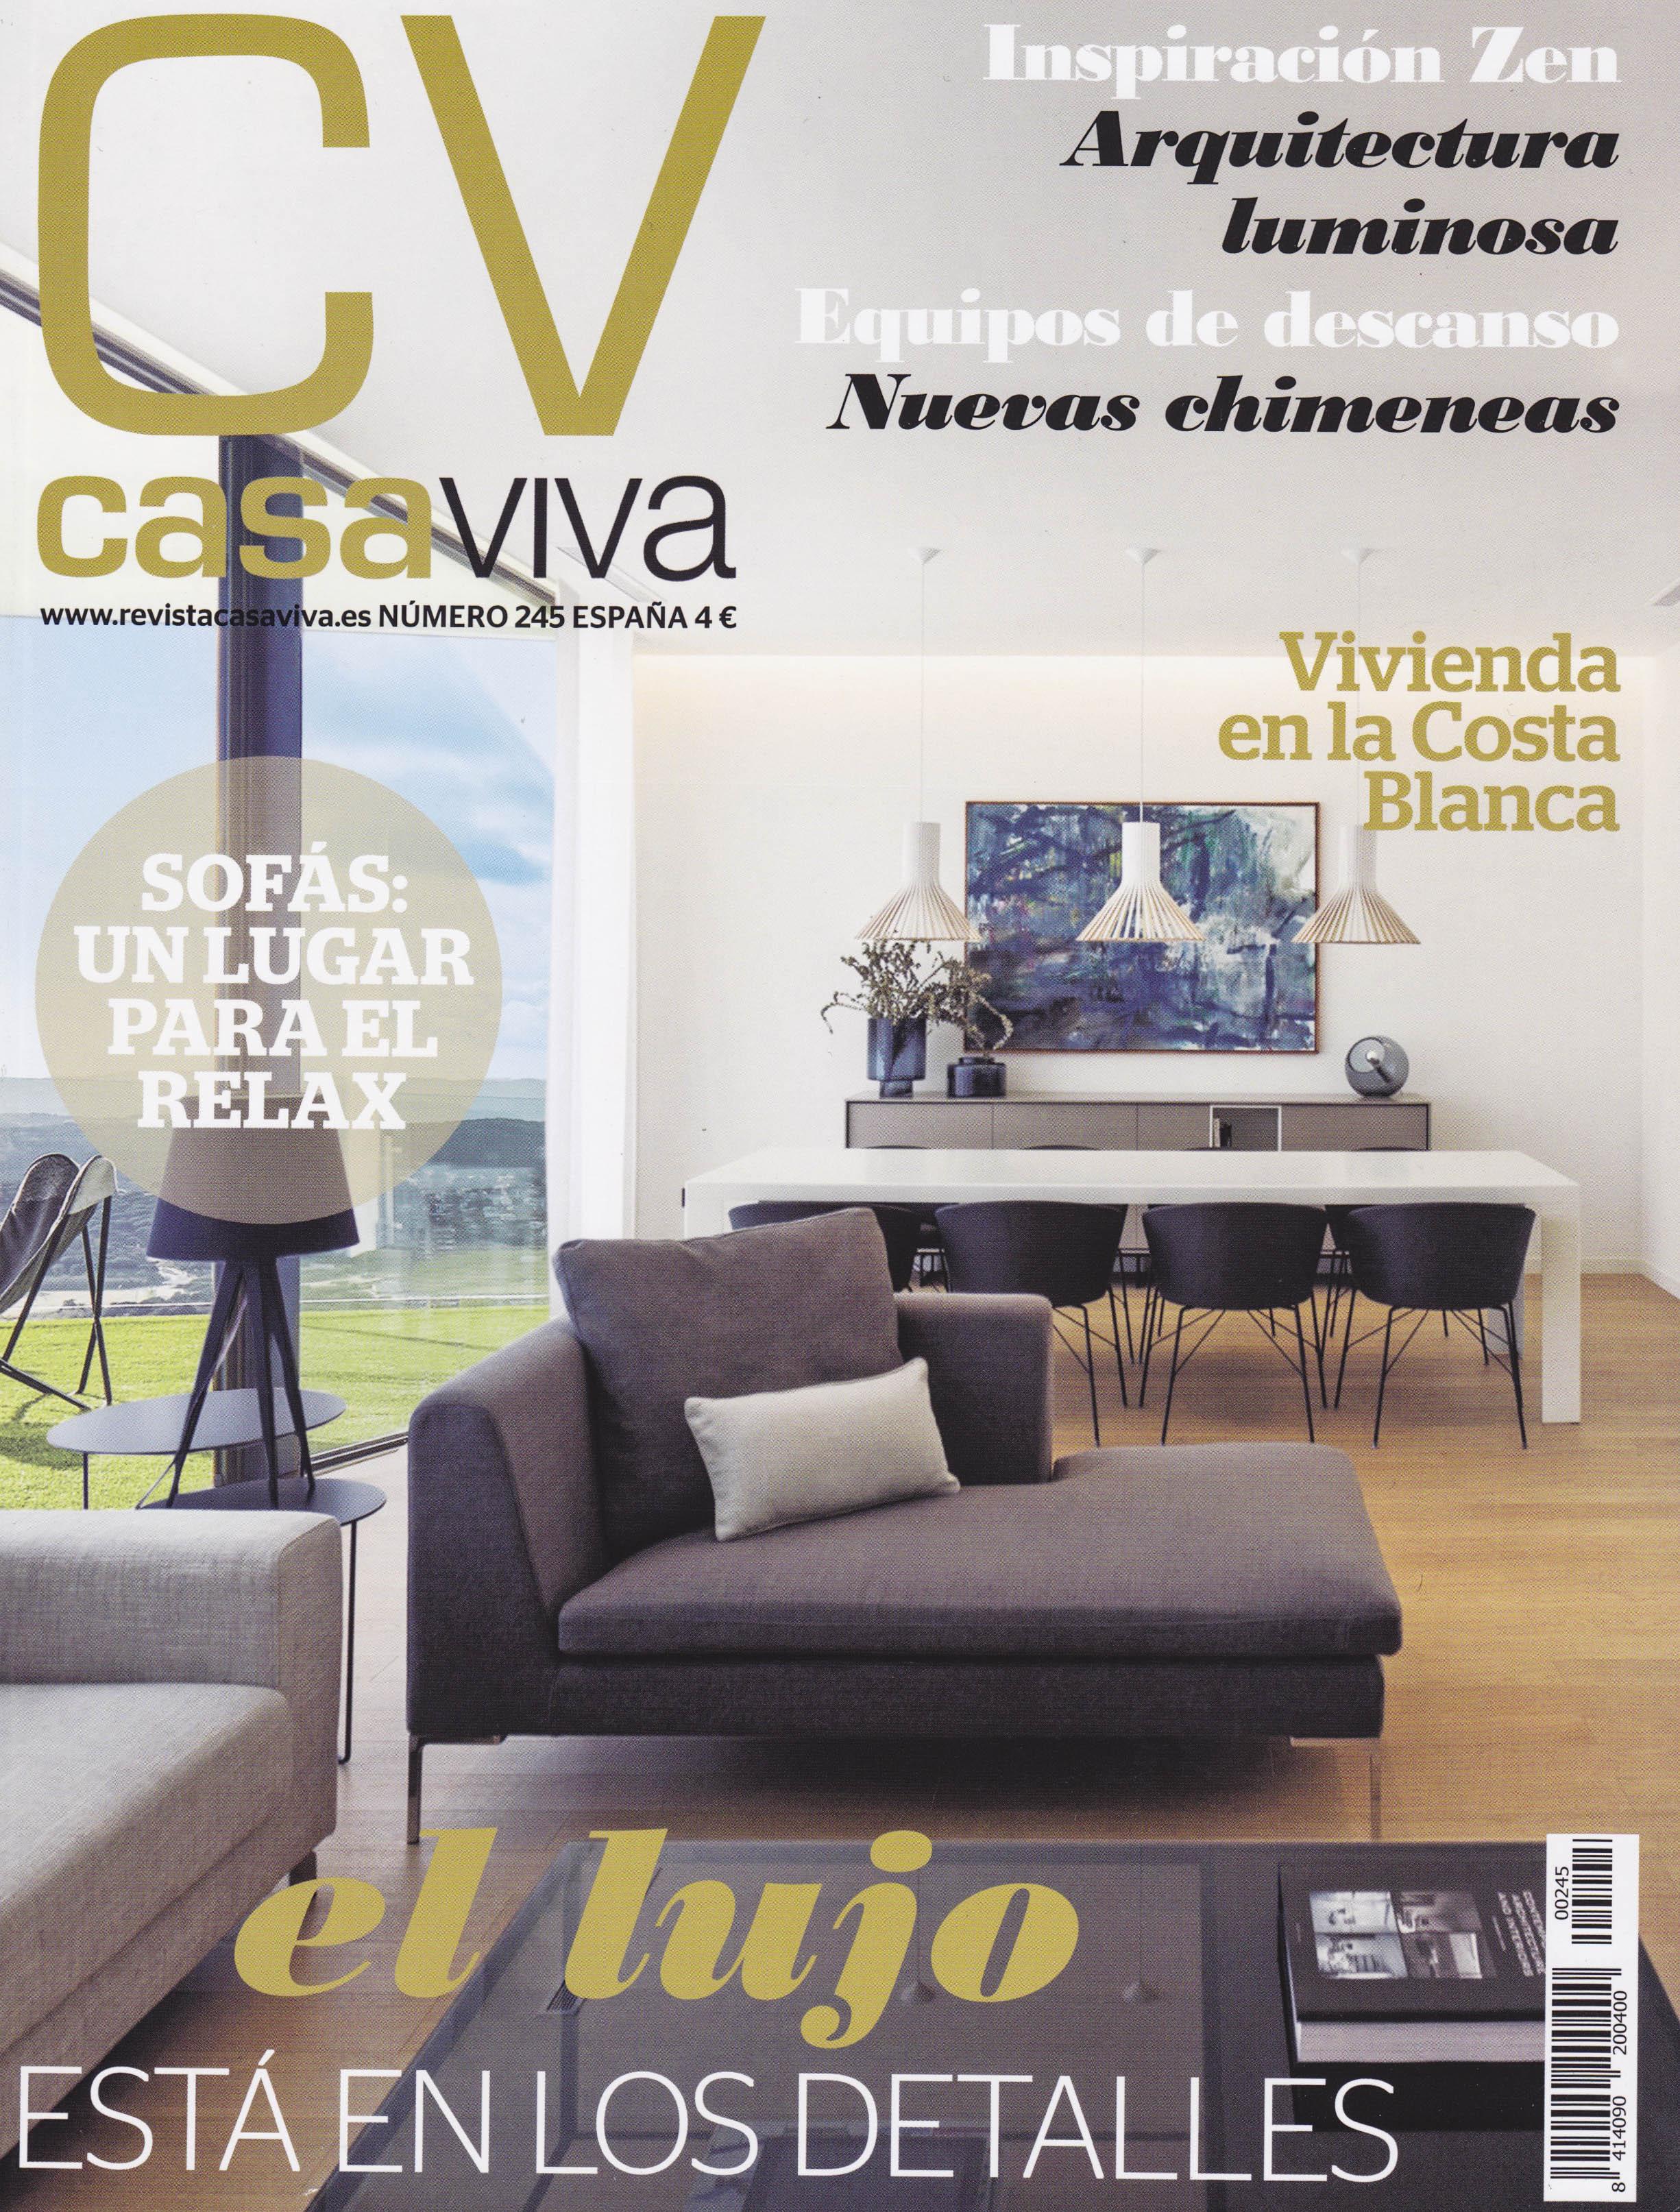 INTTOP_CASAVIVA_2.jpg